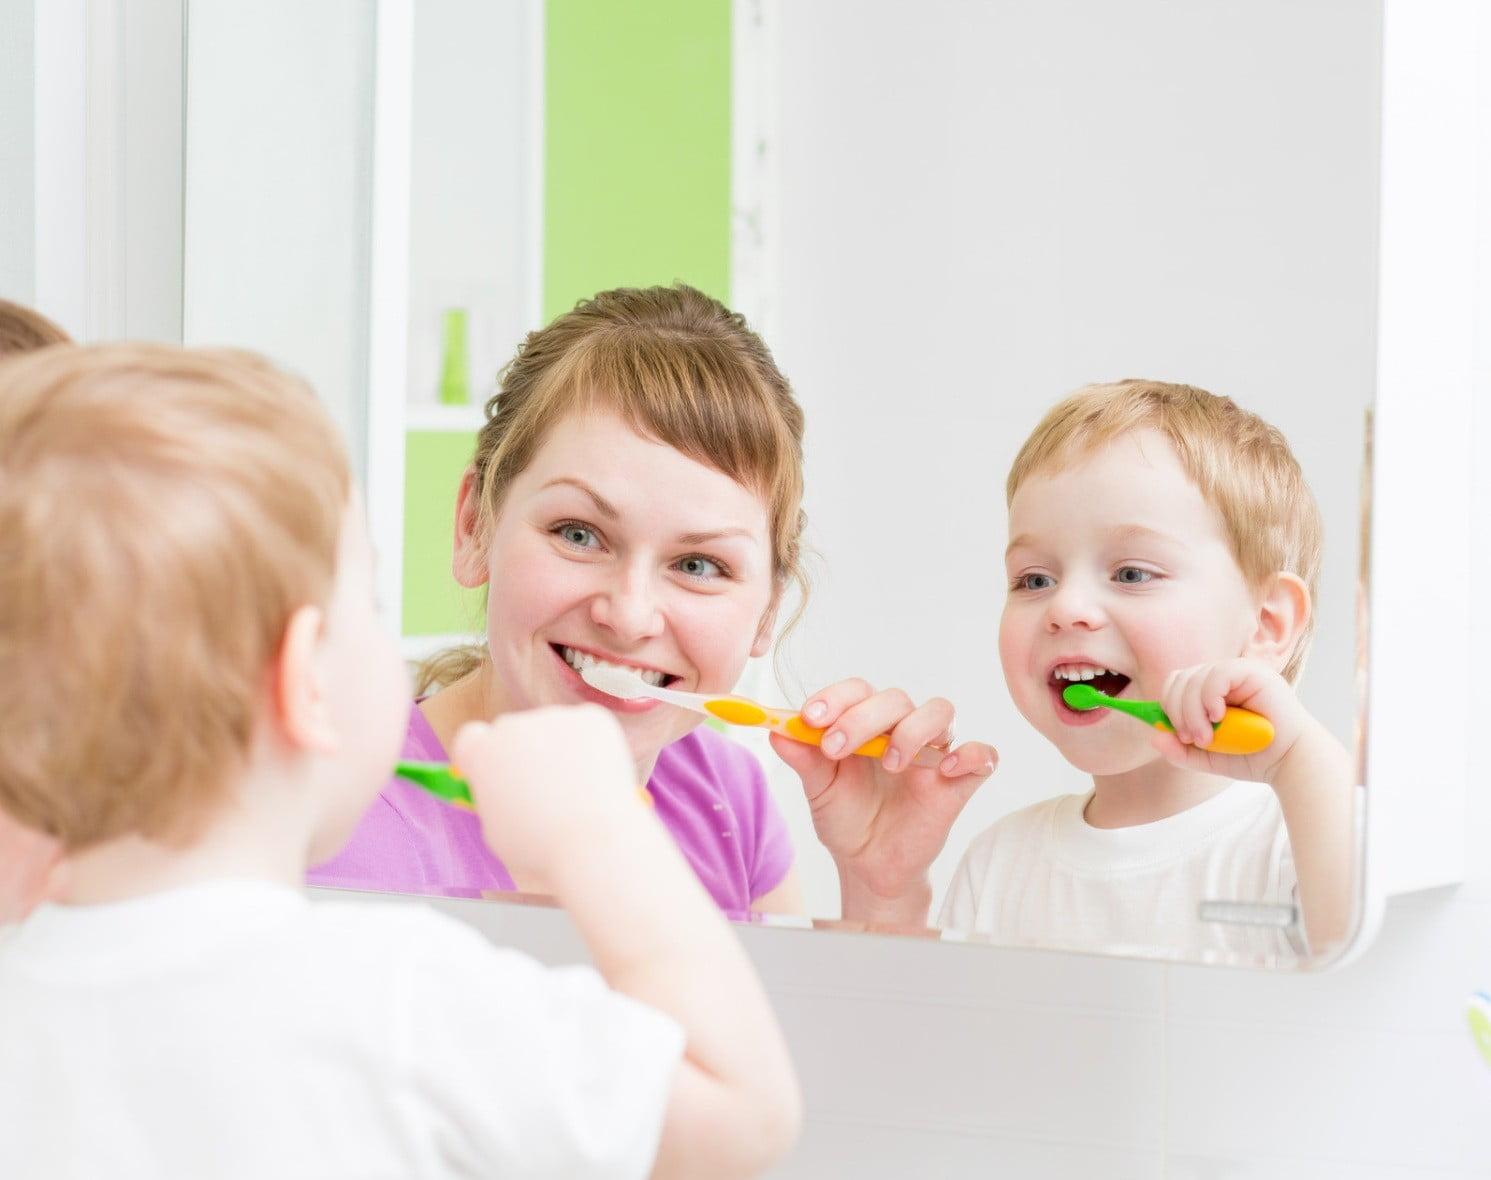 Bài thơ thiếu nhi: Bé đánh răng - Thơ mầm non hay